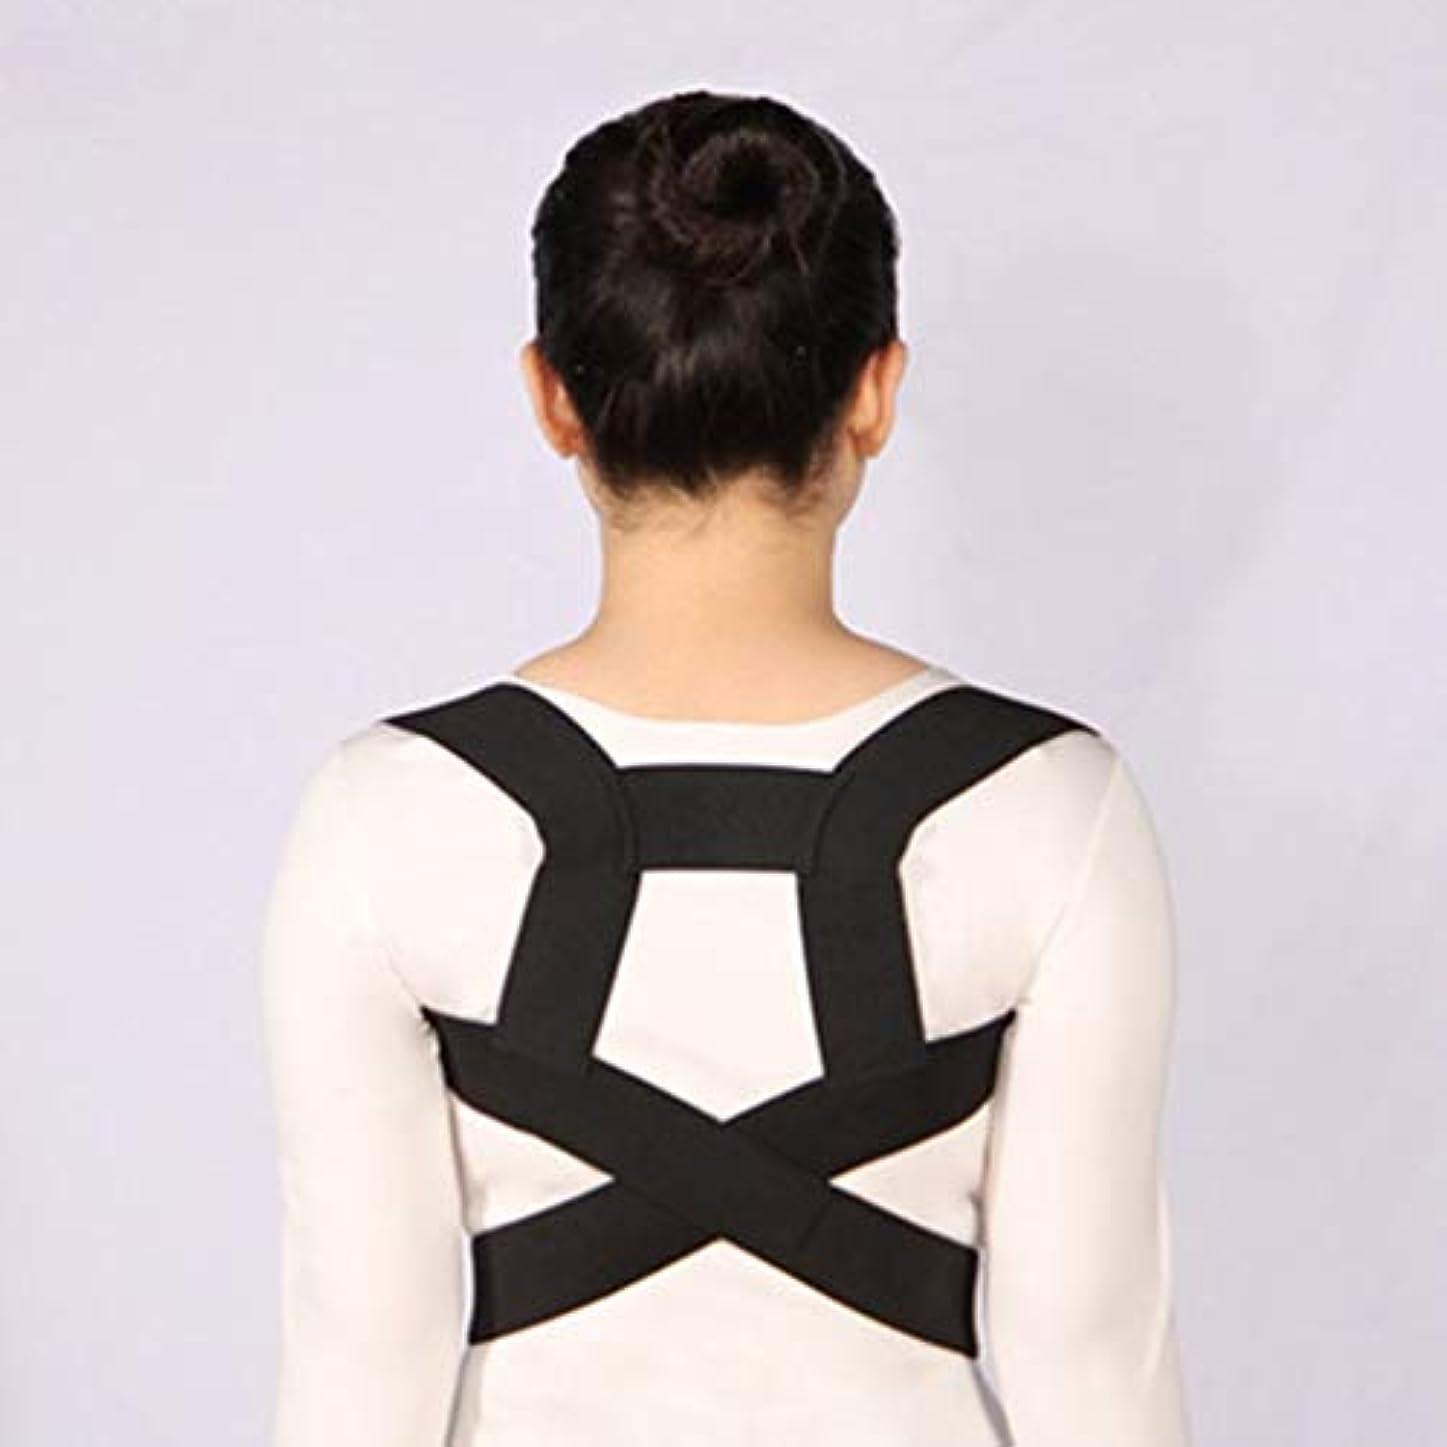 追うフェローシップ救援姿勢矯正側弯症ザトウクジラ補正ベルト調節可能な快適さ目に見えないベルト男性女性大人シンプル - 黒